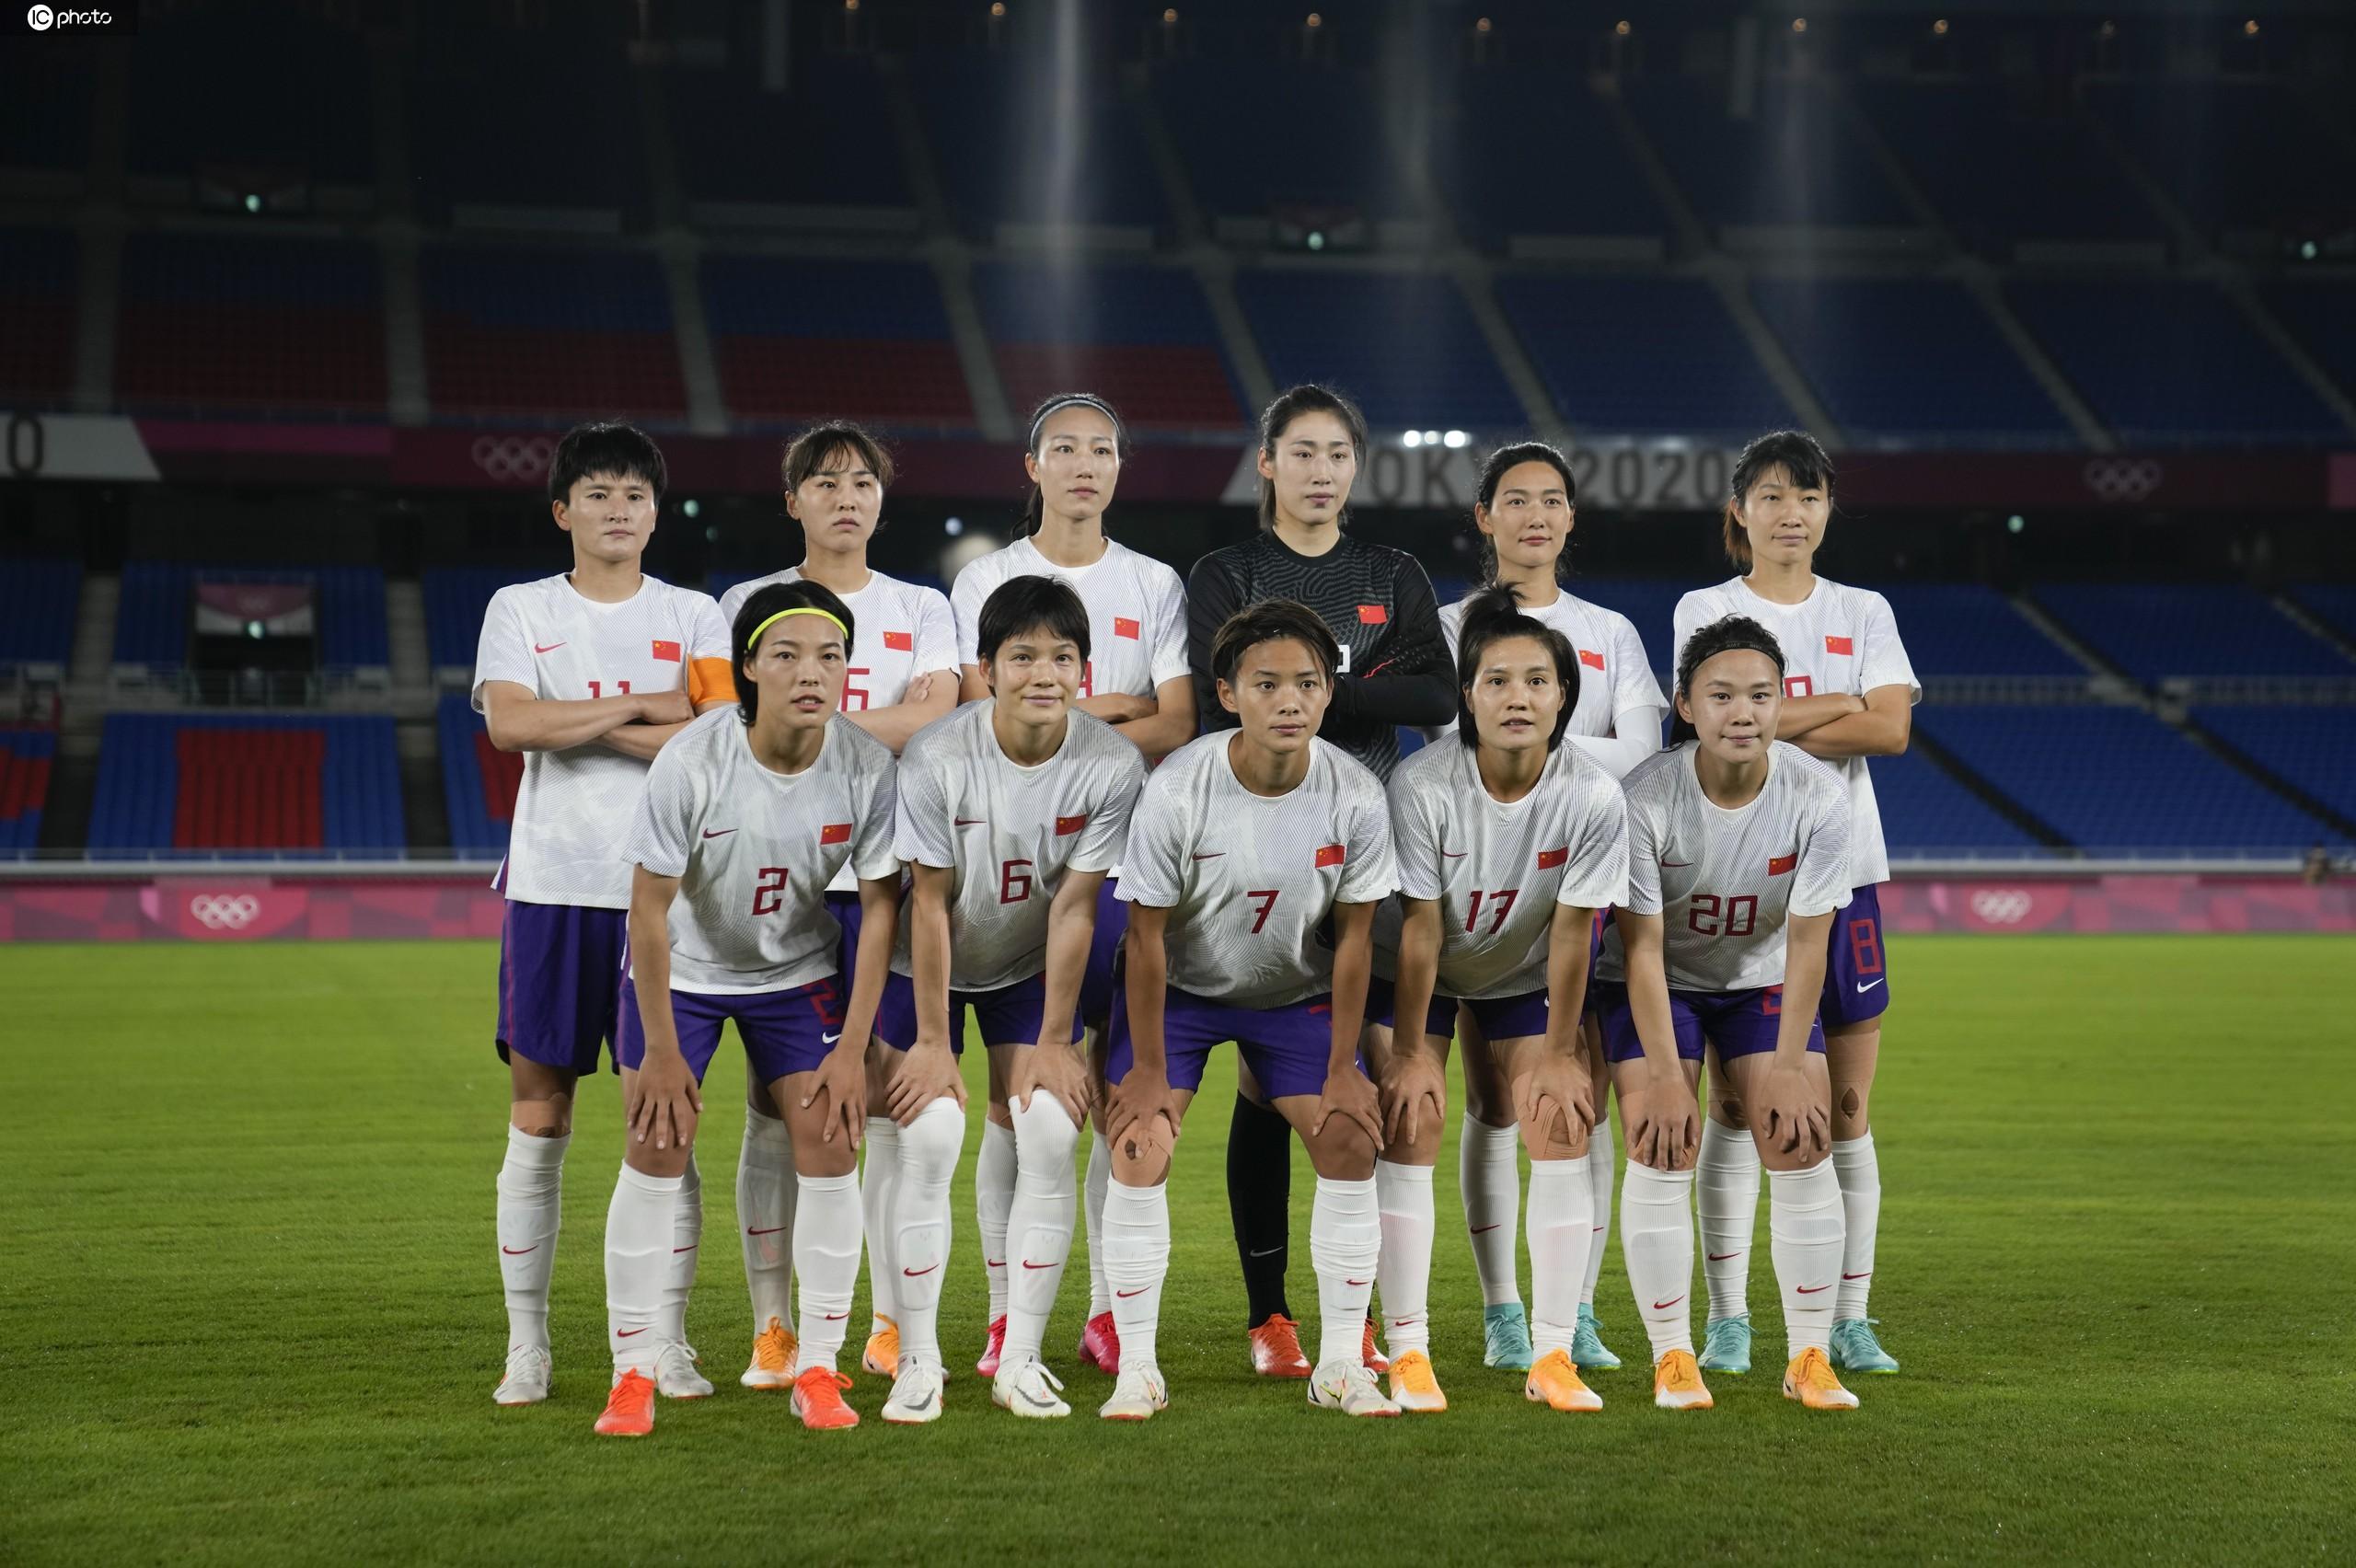 社區化+校園足球,是中國女足運動...